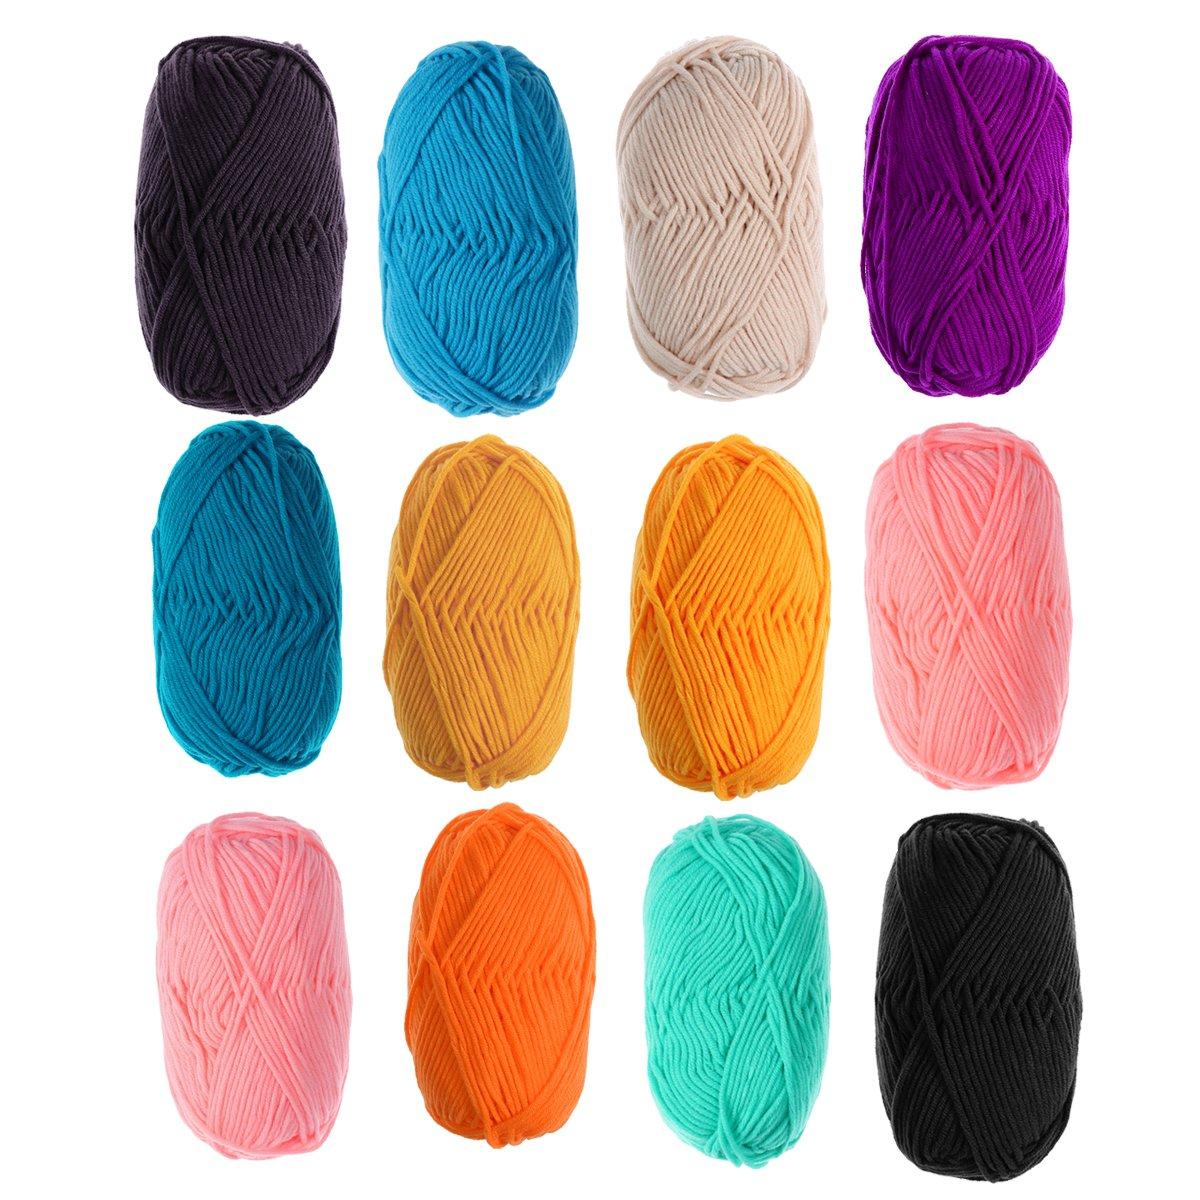 ULTNICE 12 Unids 50g Leche de Punto Hilo de Algodón Caliente Suave Chunky Tejido A Mano de Lana de Hilo de Lanas para Suéteres Sombreros Bufandas DIY: Amazon.es: Hogar